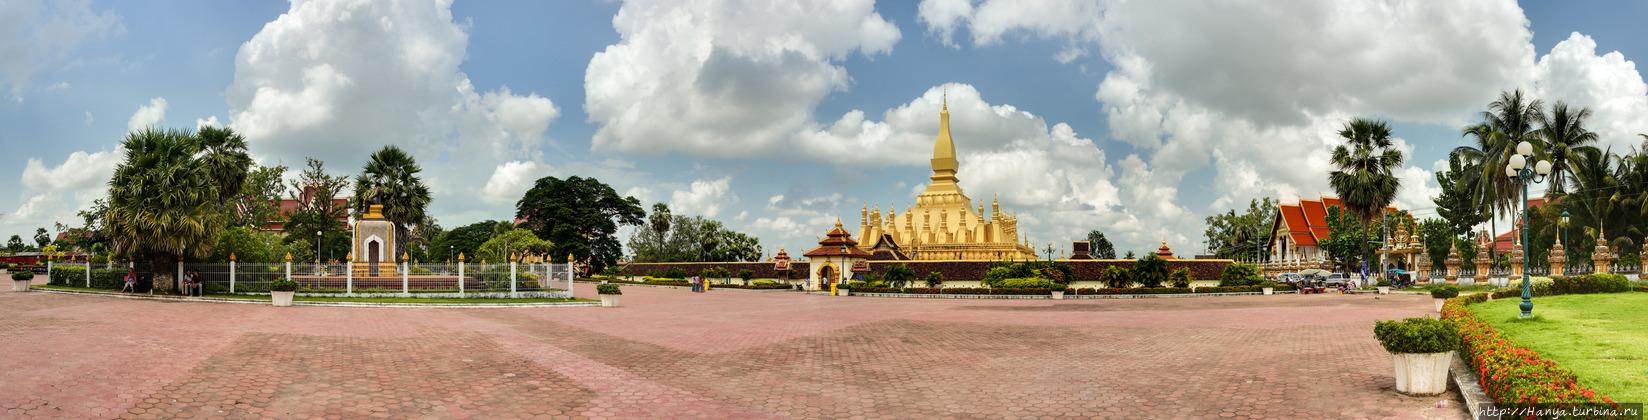 Ват Тхат Луанг. Фото из и